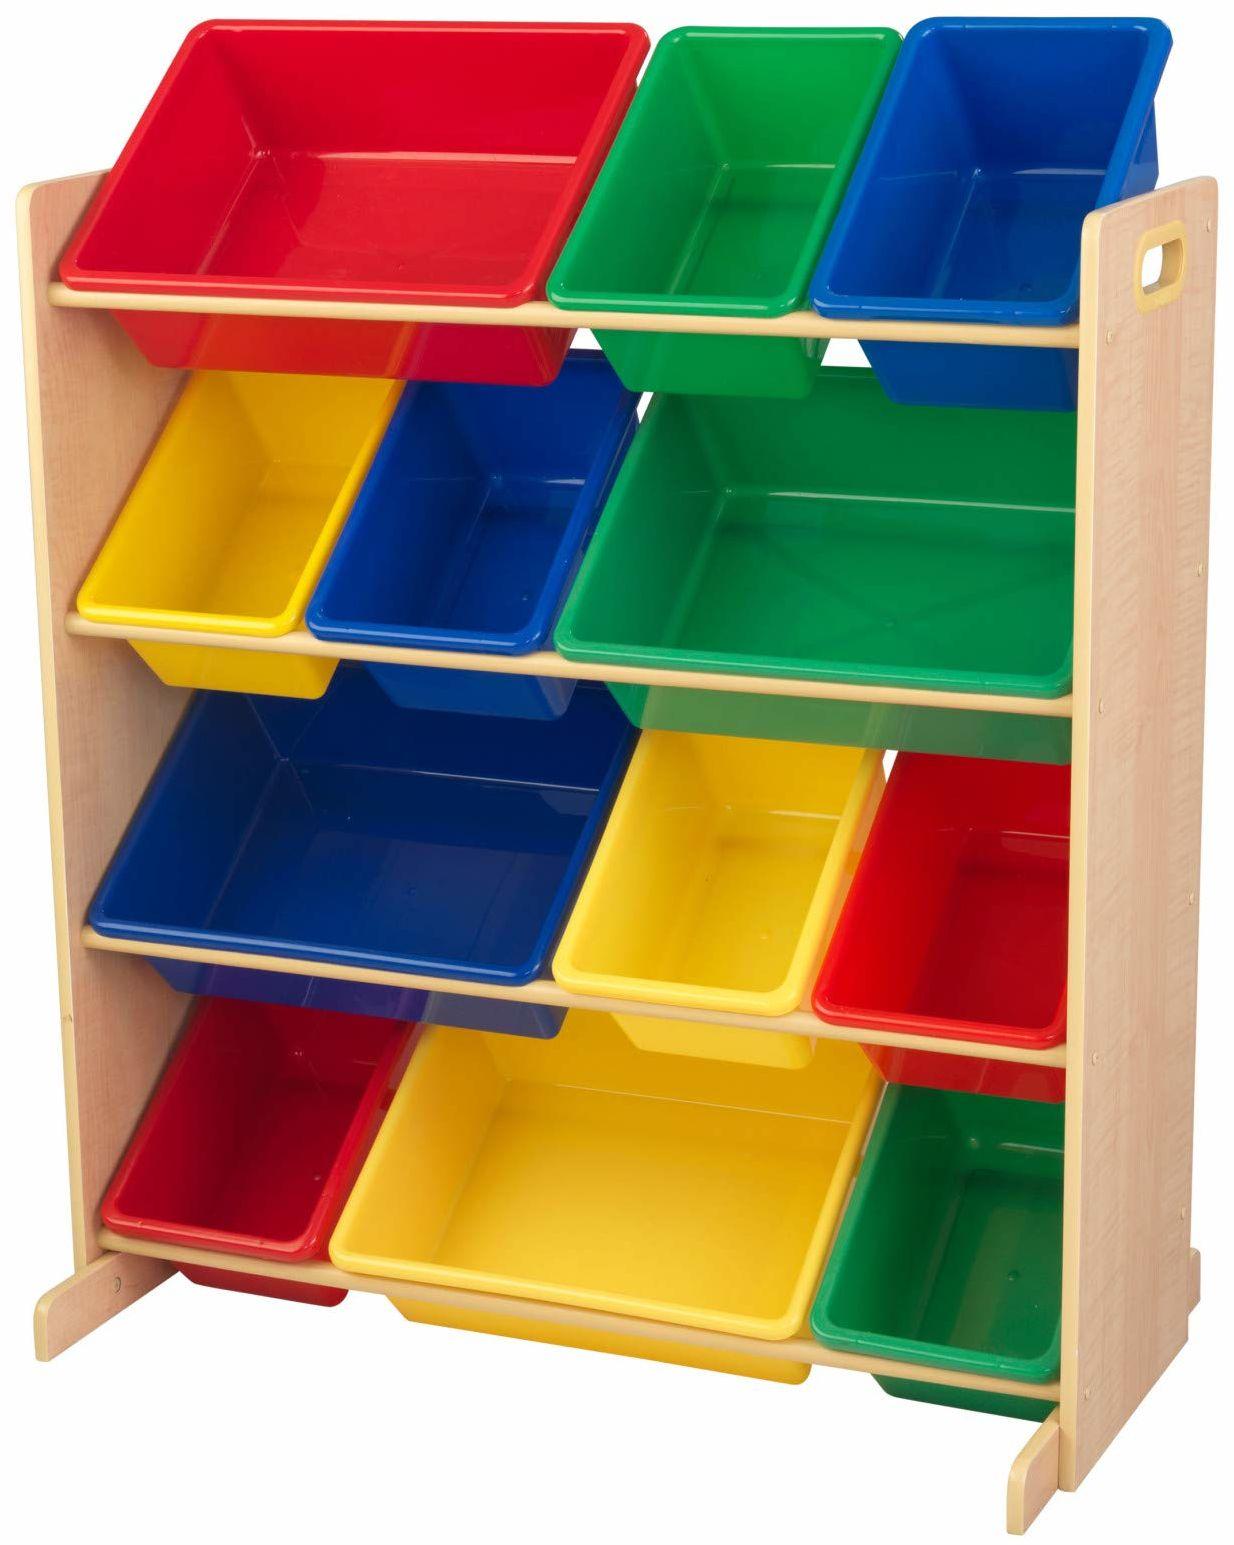 KidKraft 16774 podstawowy i naturalny sort it and Store It 12 jednostek na śmieci organizer do zabawek dla dzieci / sypialni meble